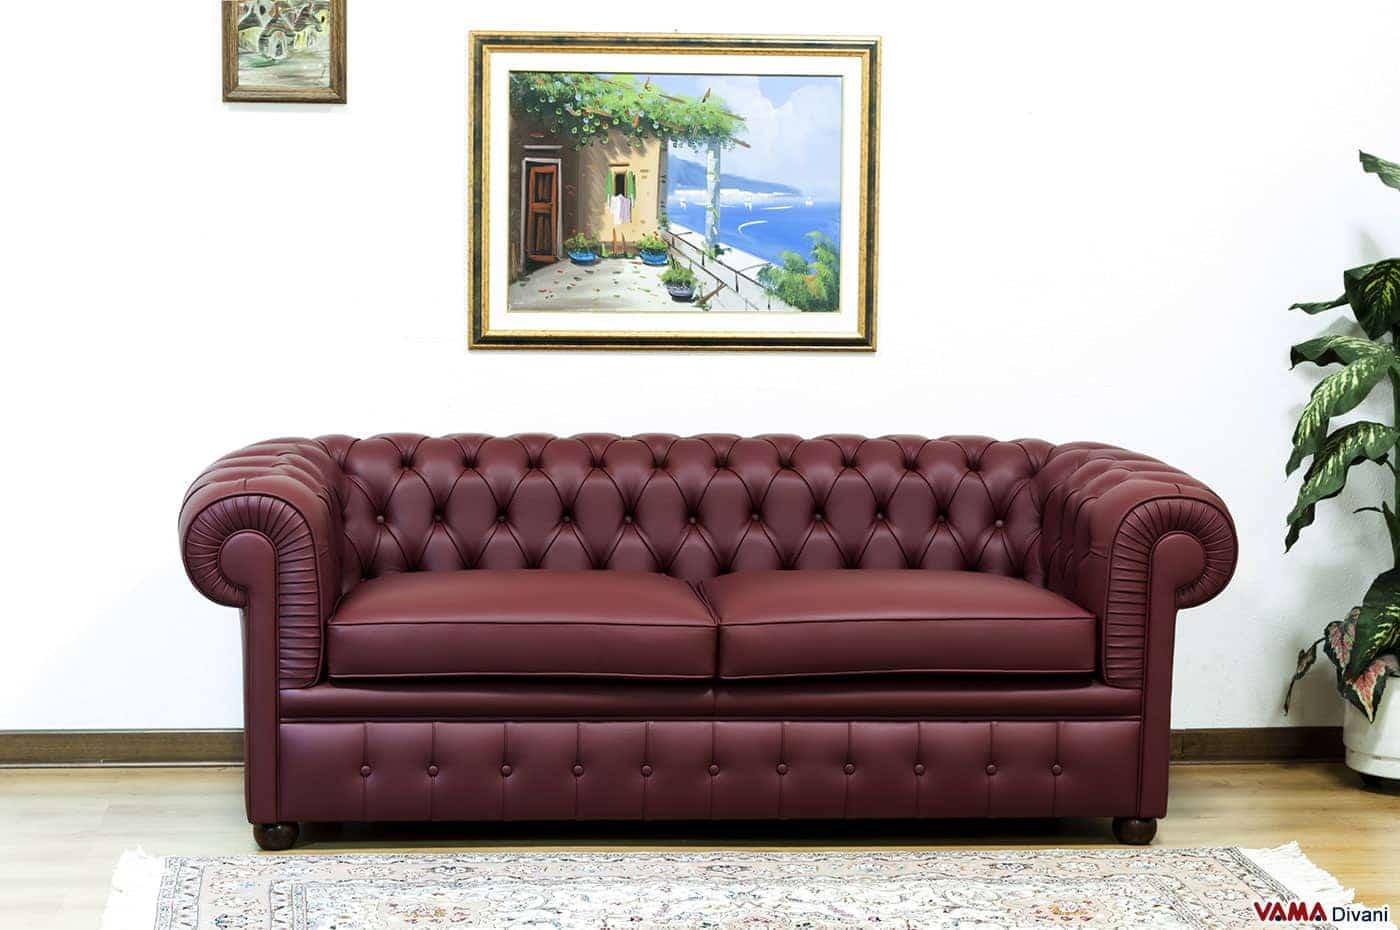 Divani bordeaux 28 images divano 2 posti con braccioli divanetto attesa design in divano - Divano angolare 2 posti ...